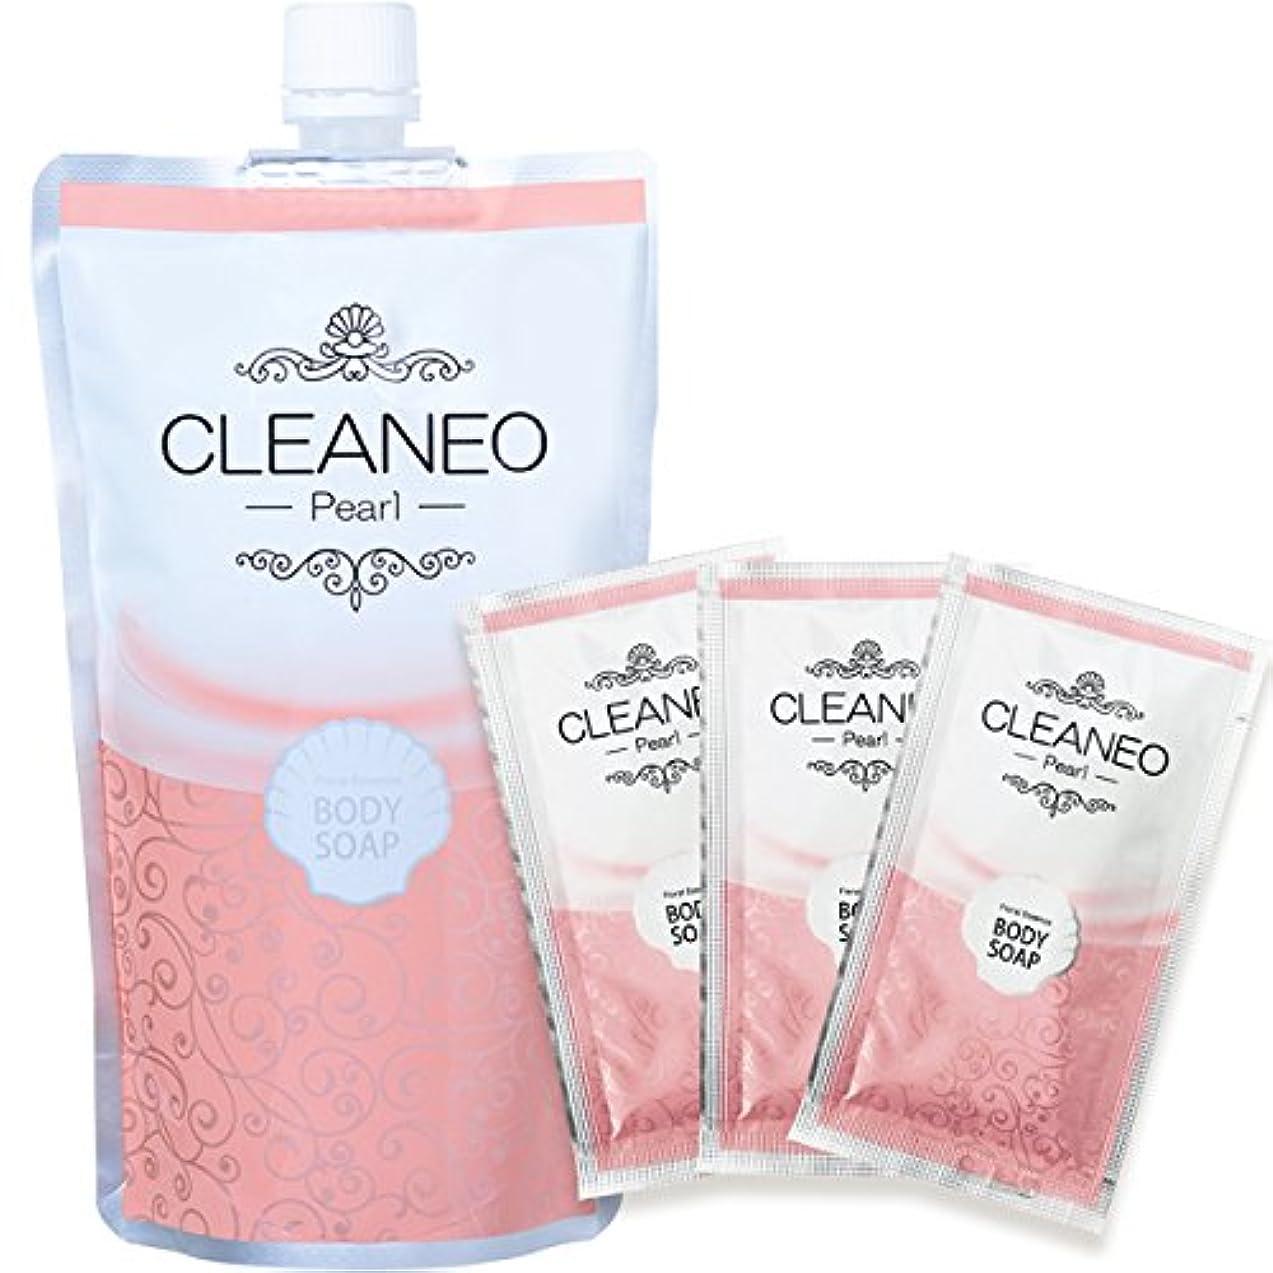 触手キネマティクスメイドクリアネオ公式(CLEANEO) パール オーガニックボディソープ?透明感のある美肌へ 詰替300ml + パールパウチセット